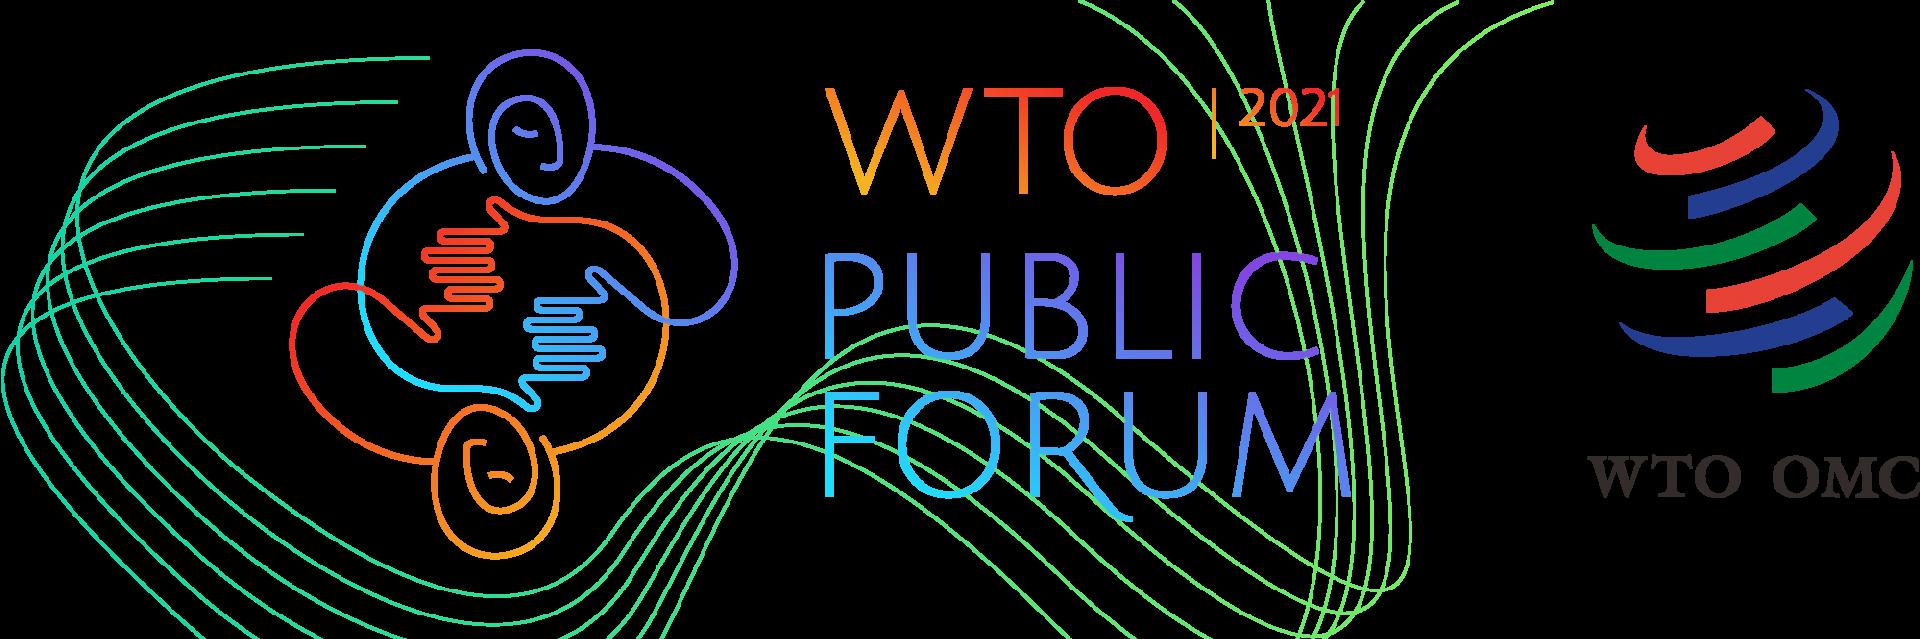 WTO Public Forum 2021